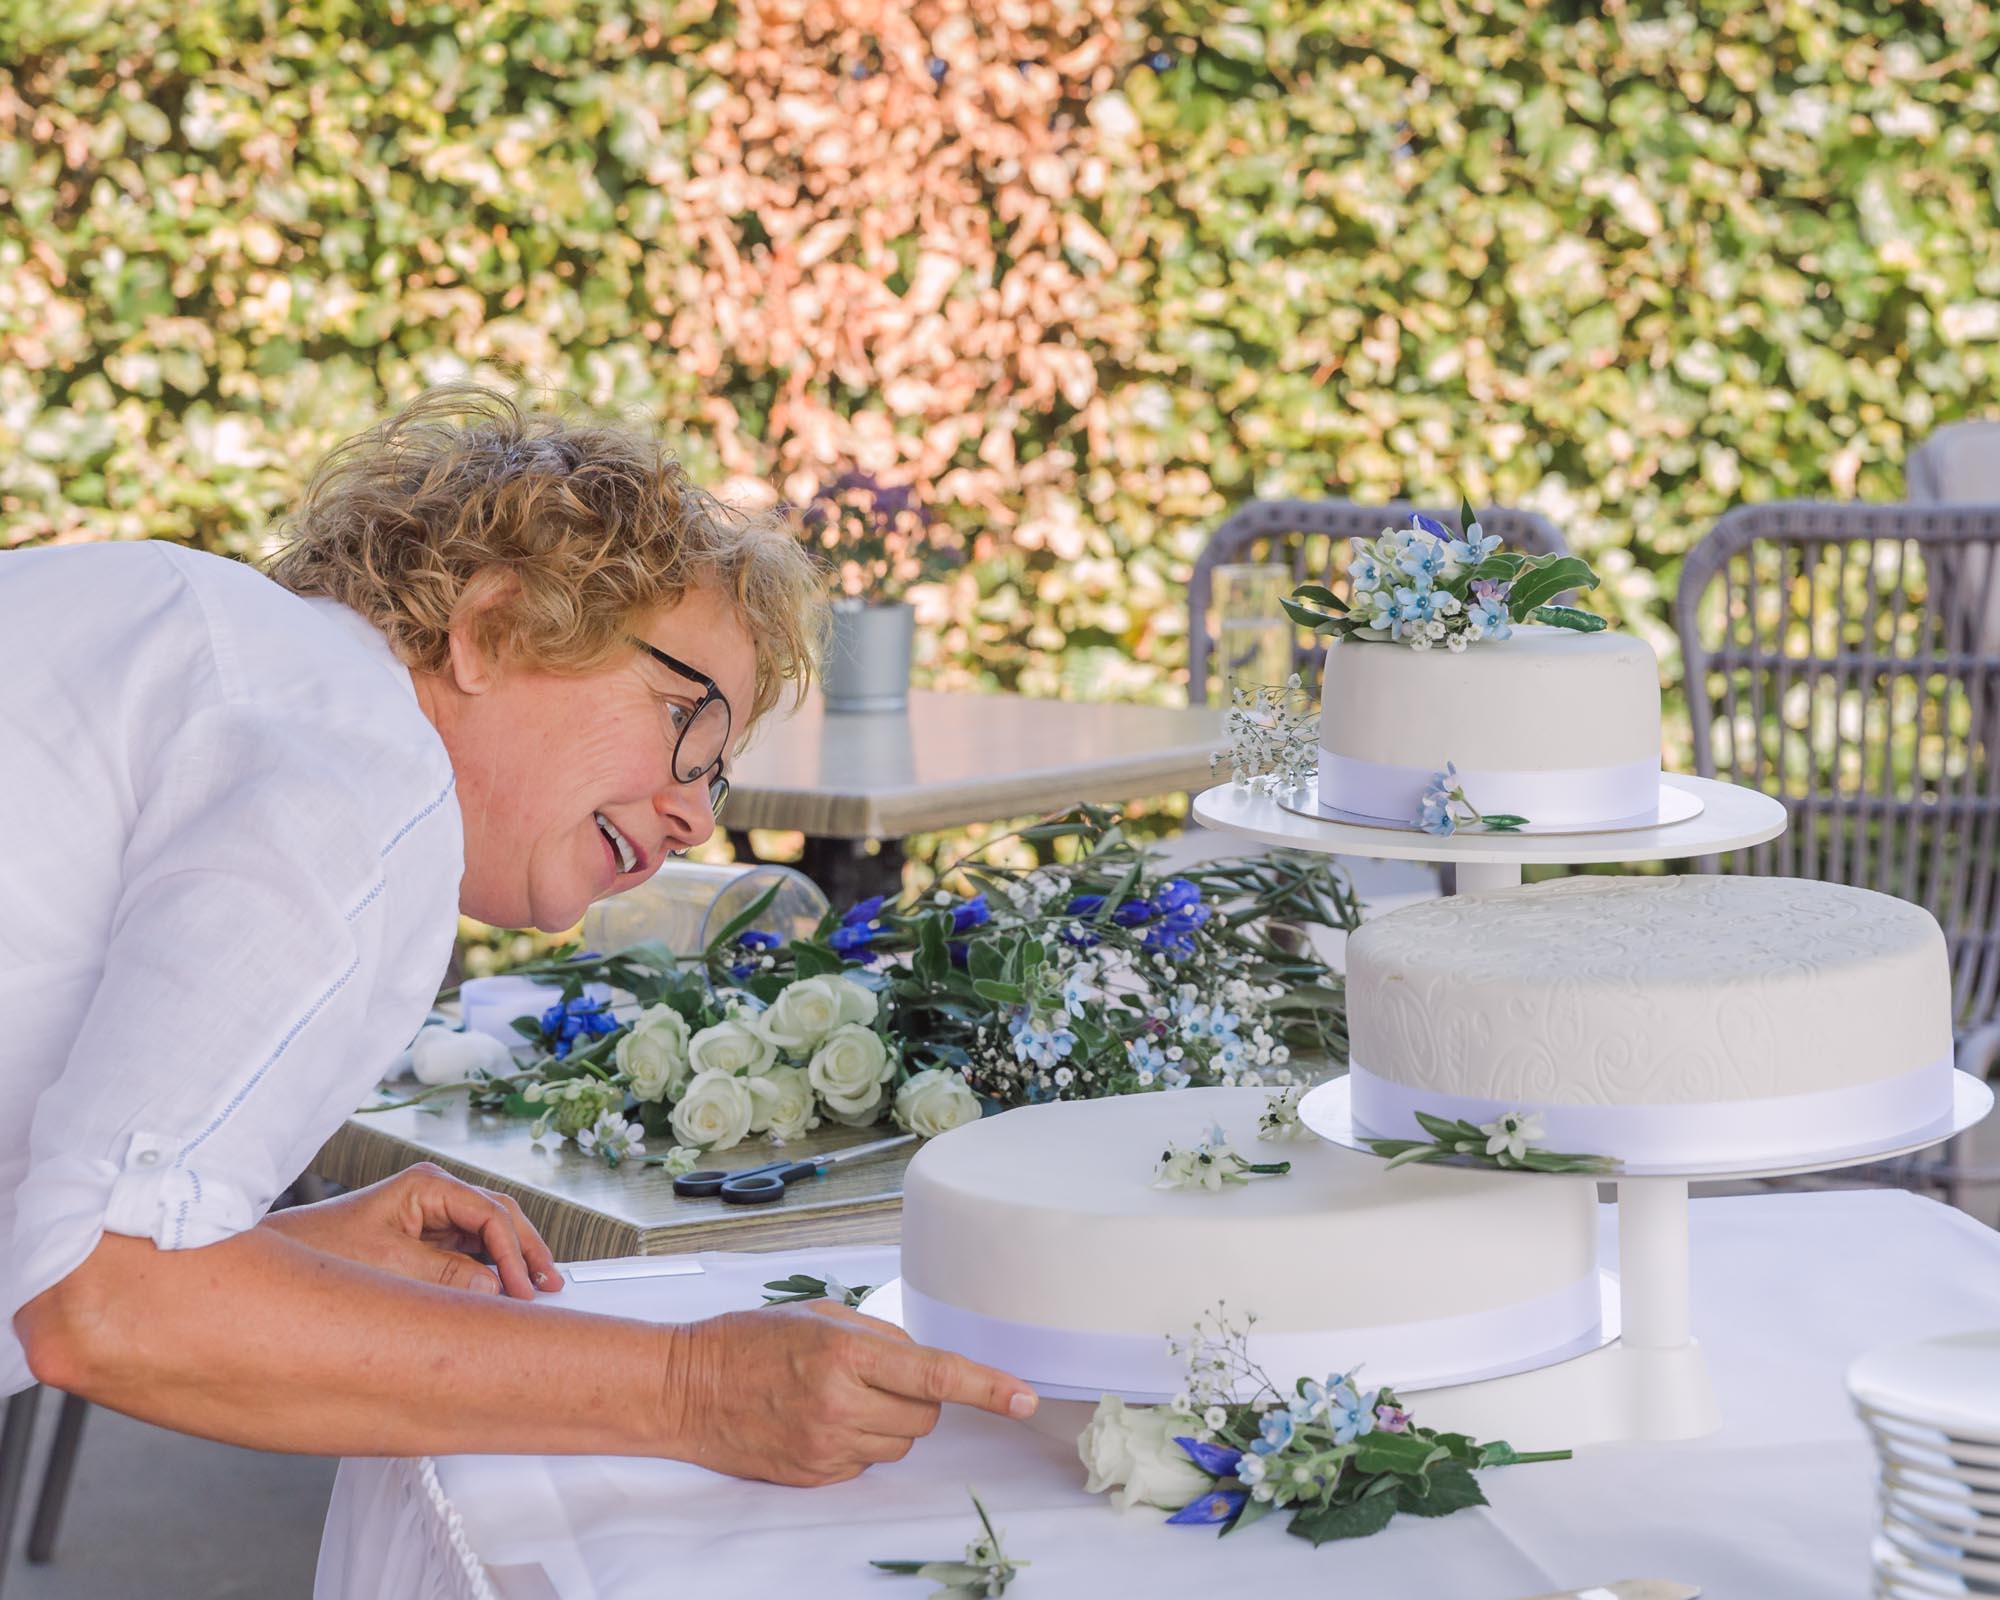 foto van vrouwelijke zzper bruidstaart aan het controleren voor personal branding door mayrafotografie